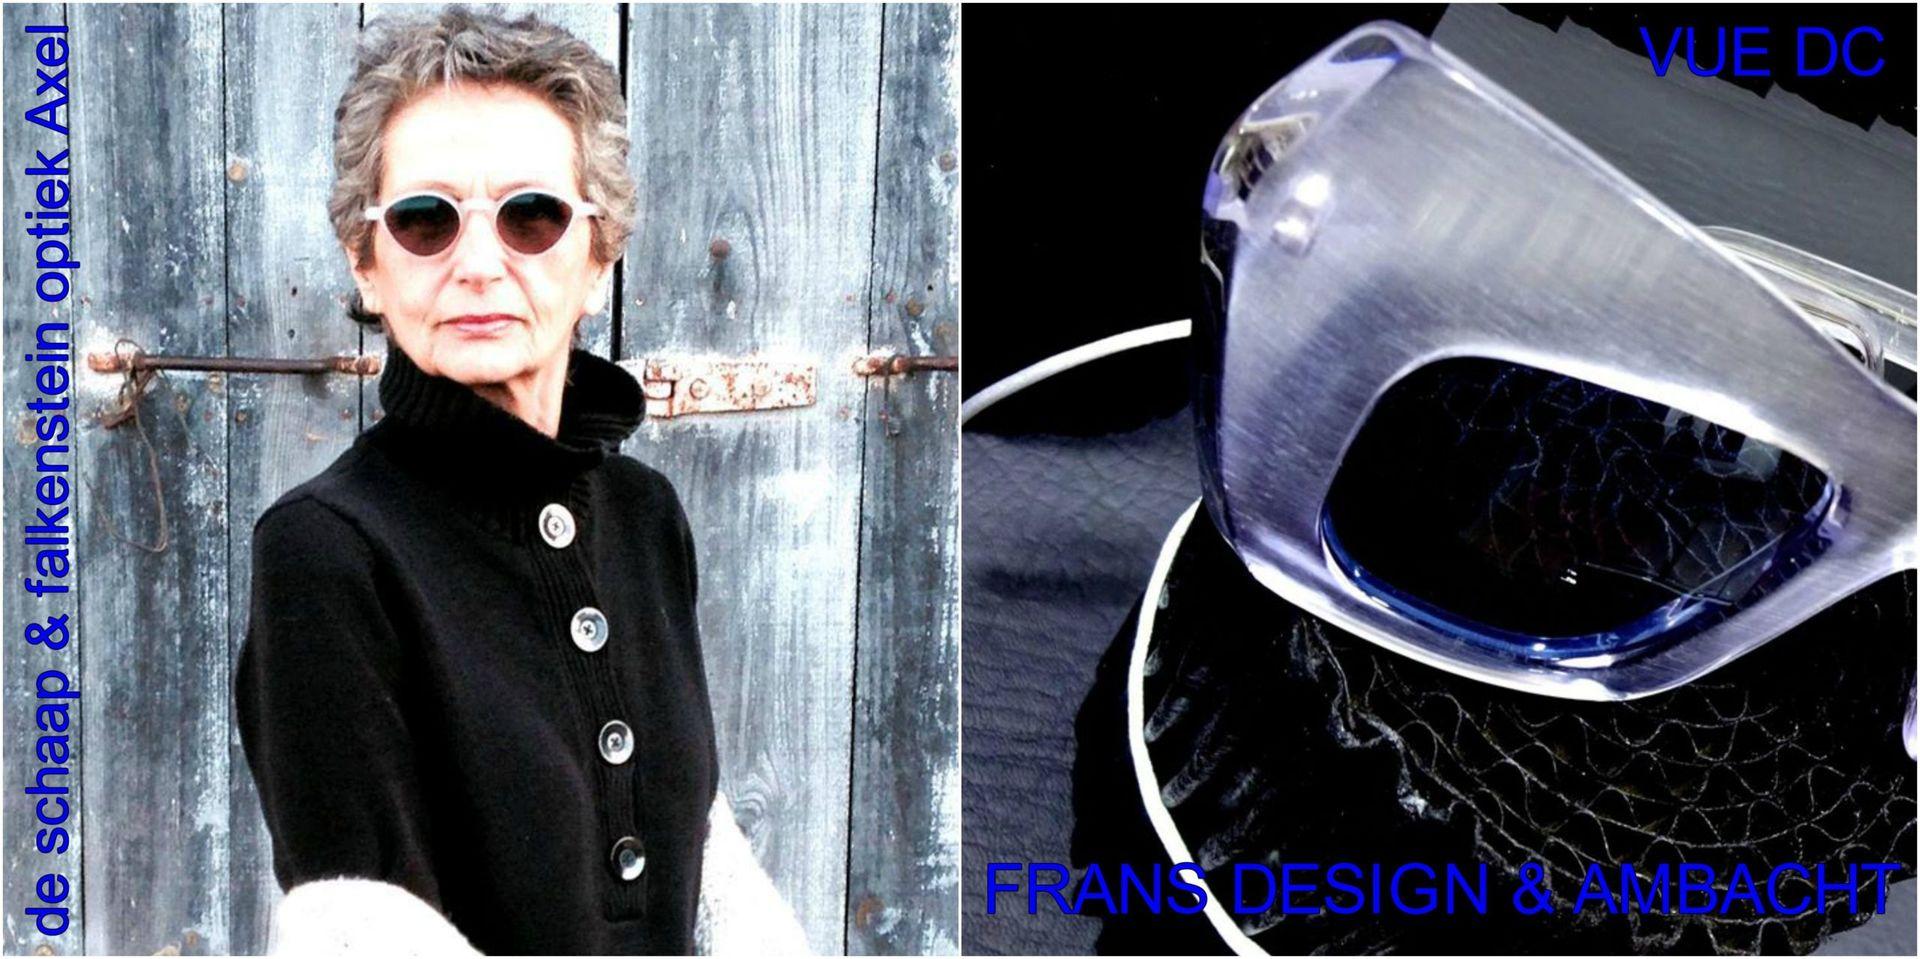 Collage Frans Design & Ambacht VUE DC - voor website & fb - met winkelnaam